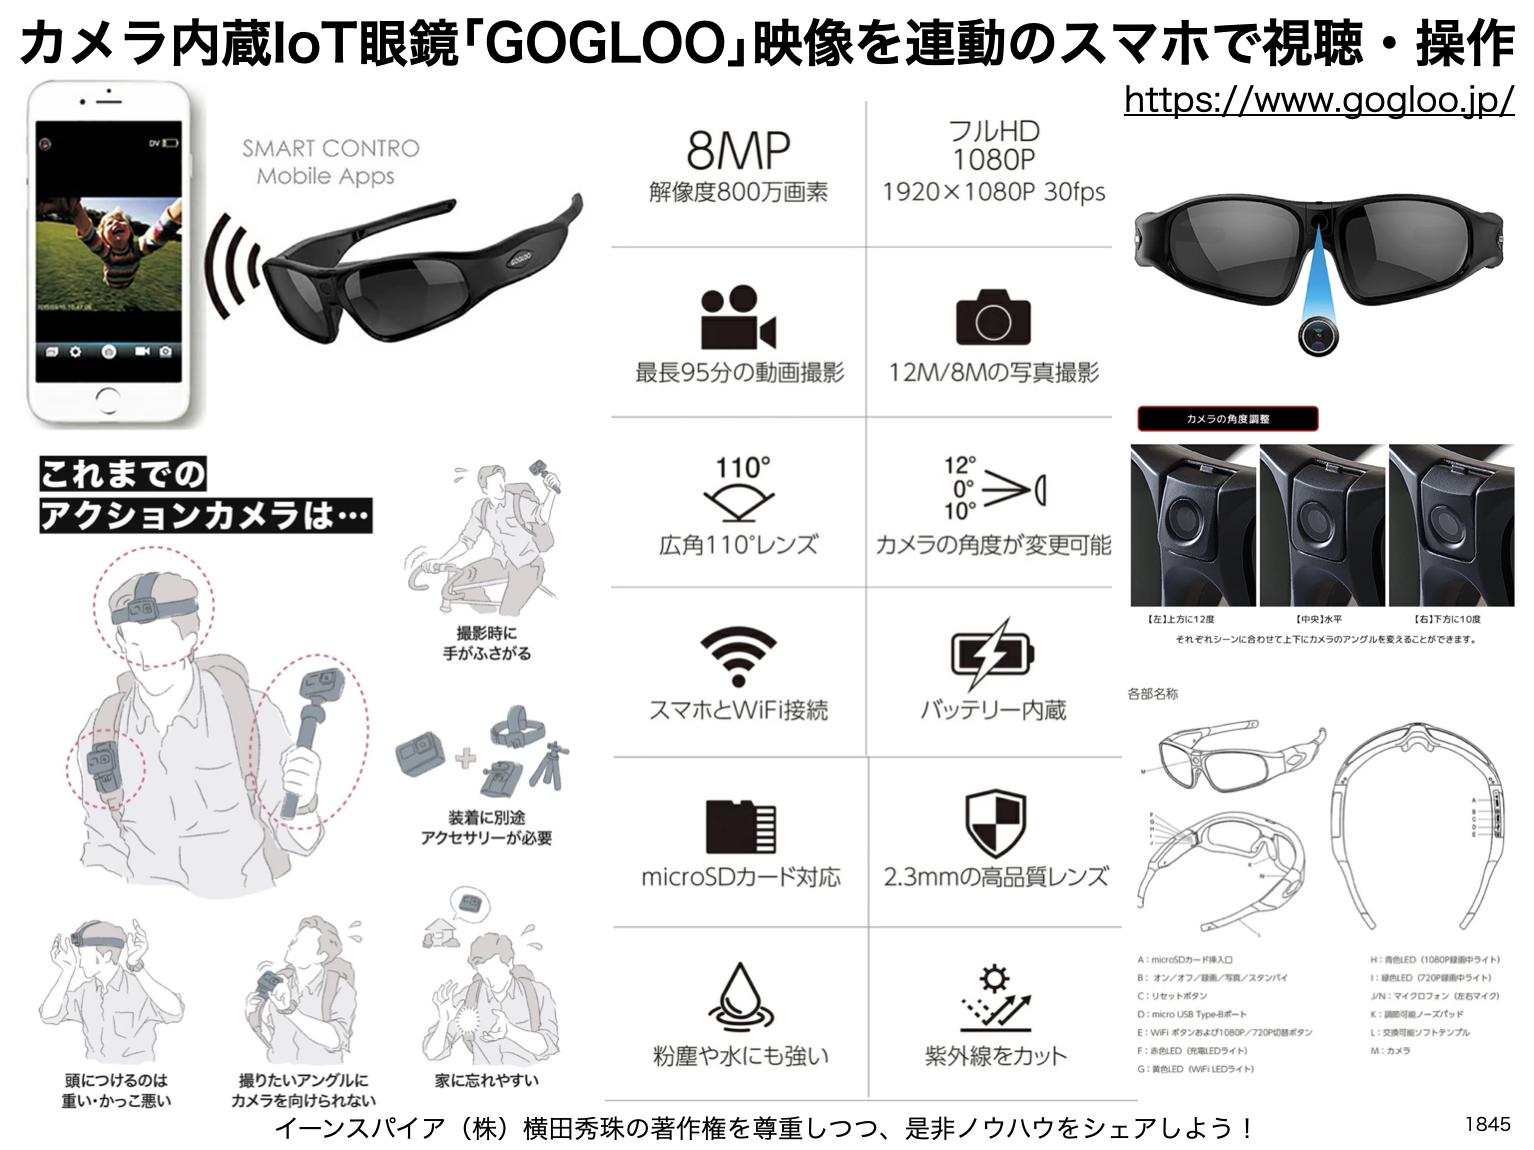 カメラ内蔵IoT眼鏡「GOGLOO」の映像を連動したスマホで視聴